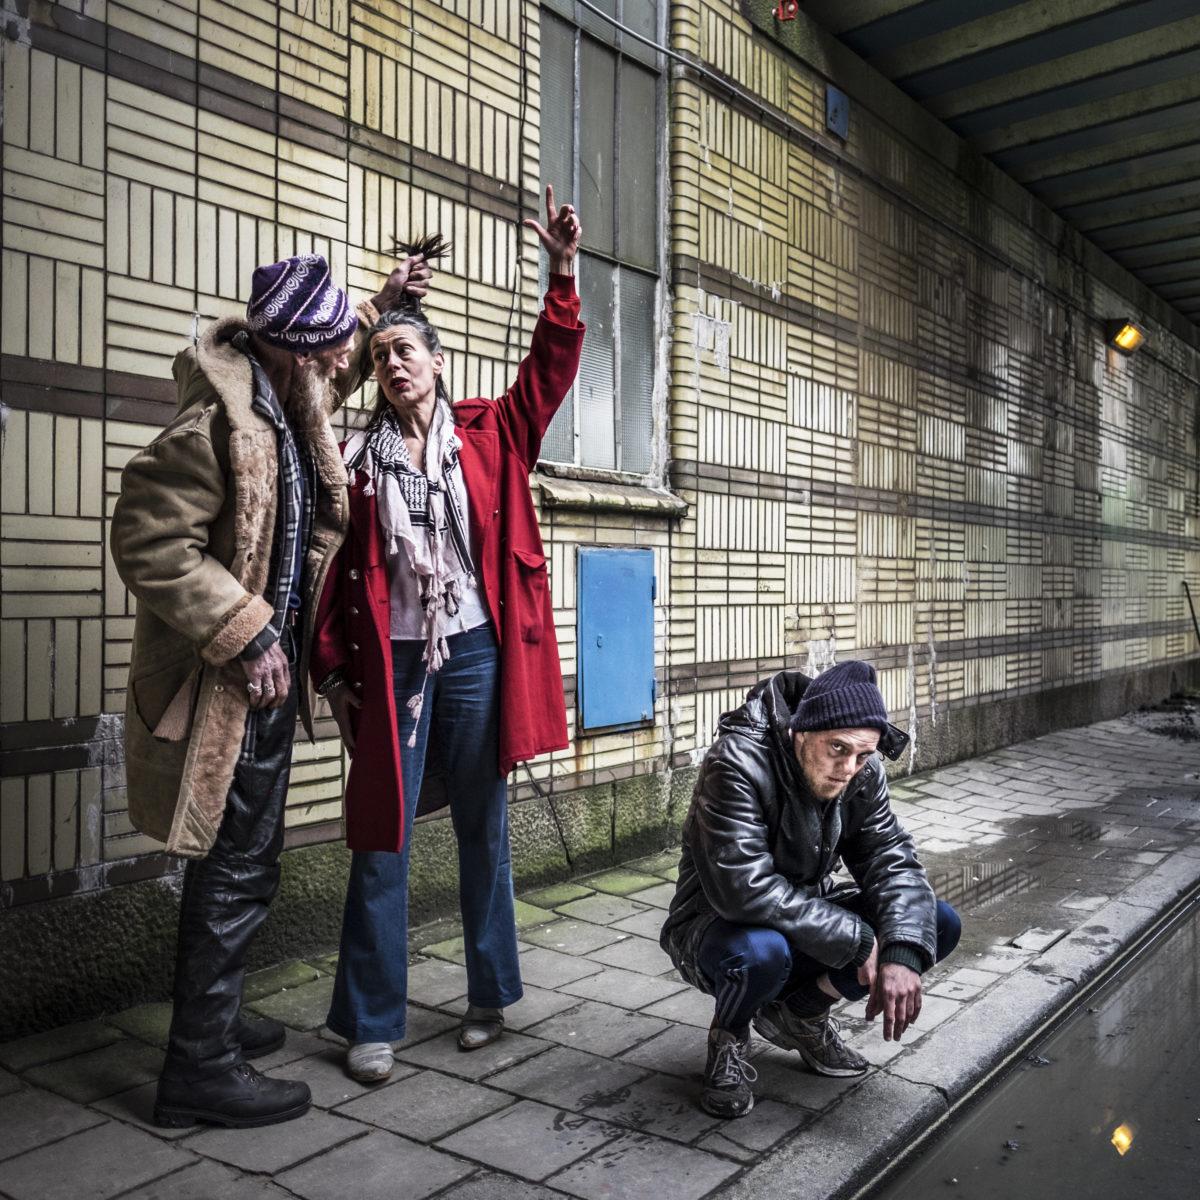 Arnhemse hulpverleners in de zorg betreden vanaf komende week het toneel, in de theater Utrecht productie 'Thuislozen'